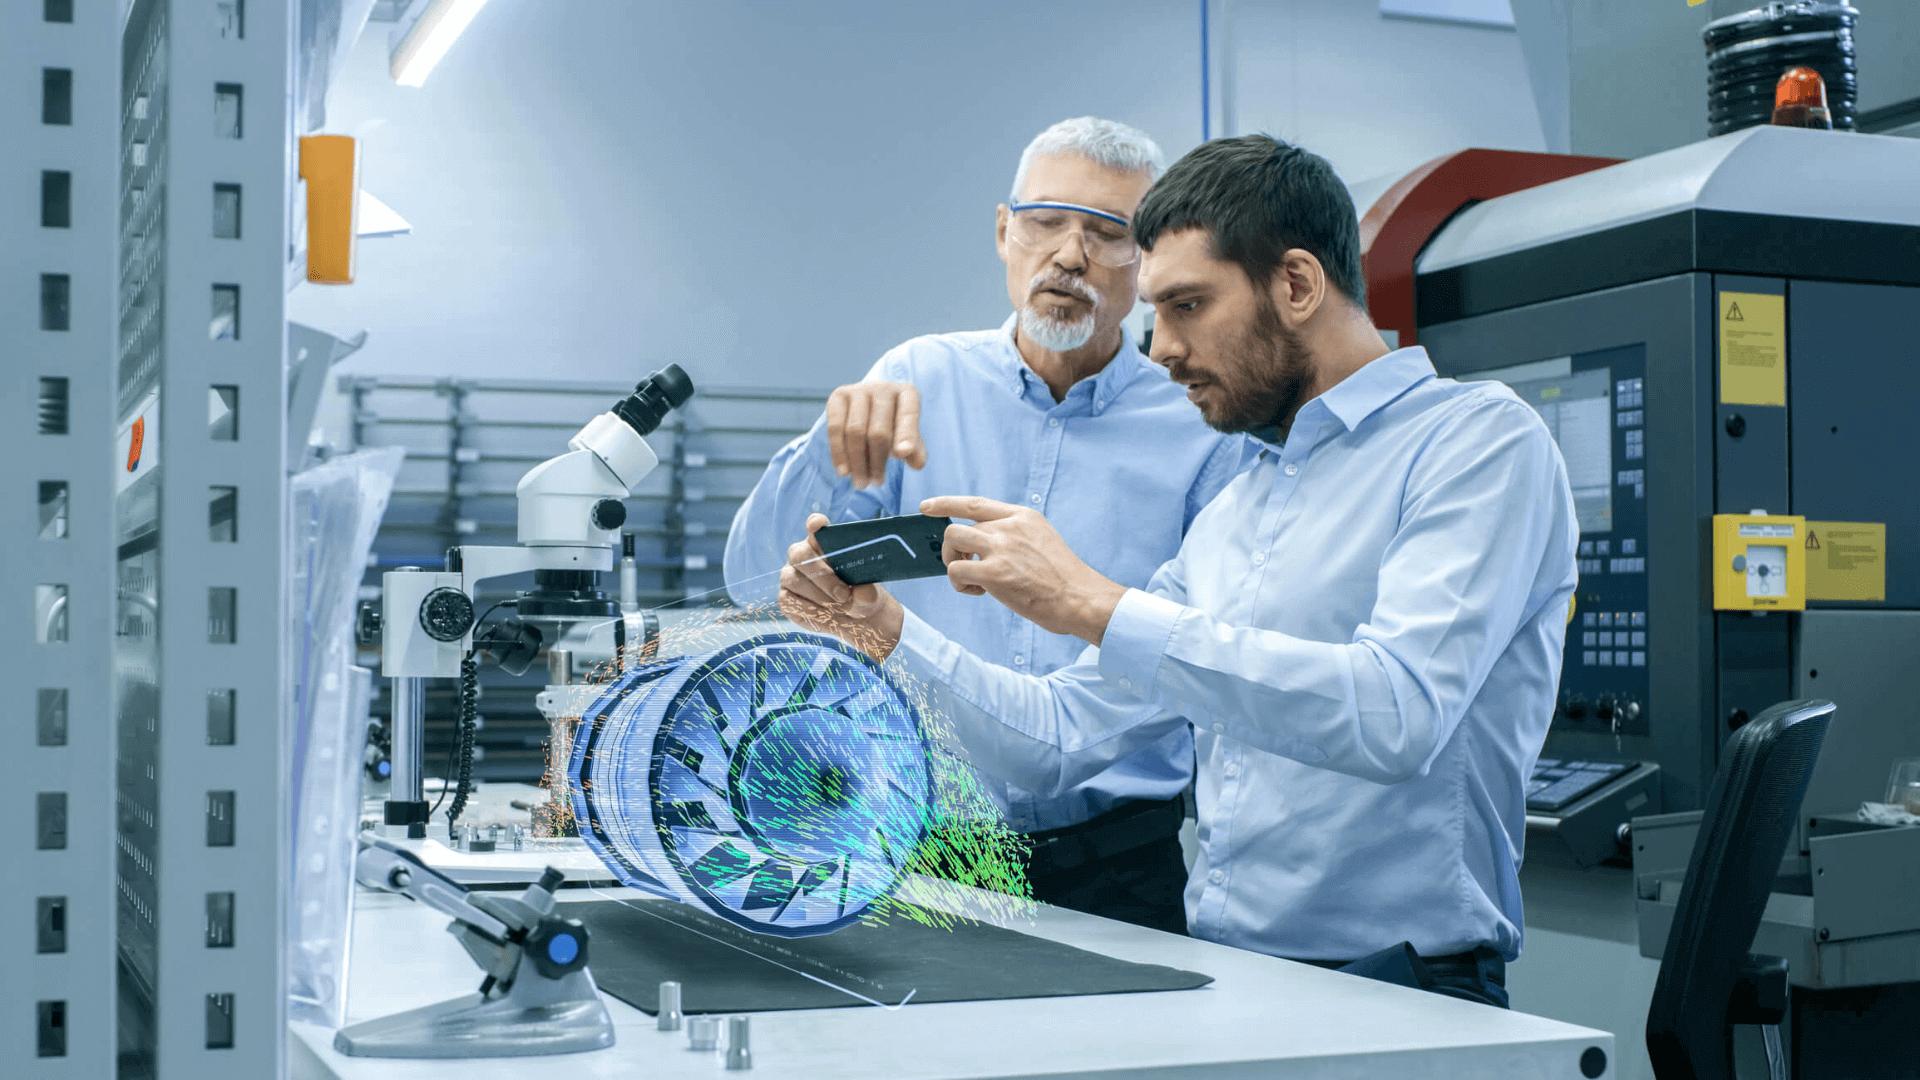 Wat is Augmented Reality (AR) en hoe werkt het?